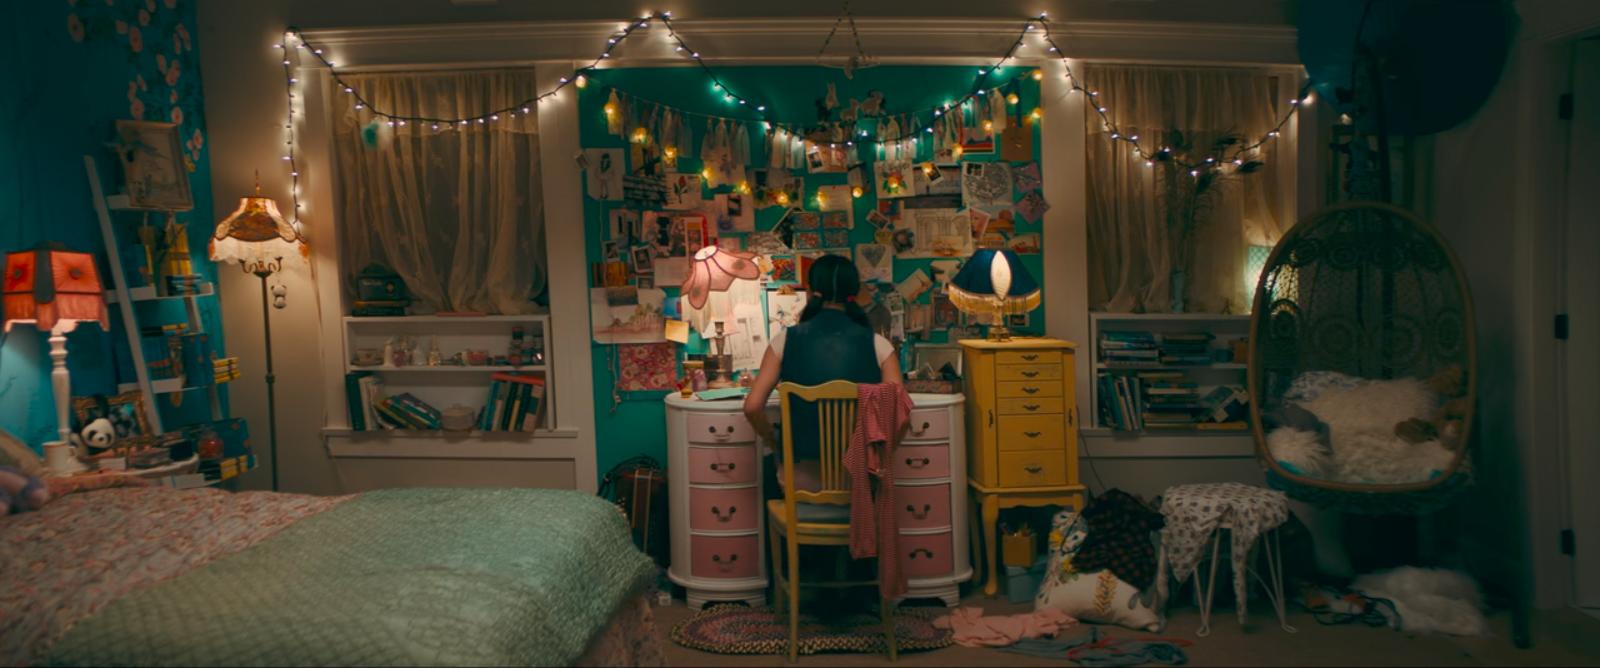 A protagonista do filme da Netflix é dona de um espaço bem girly e cheio de fotografias, livros e lembranças.